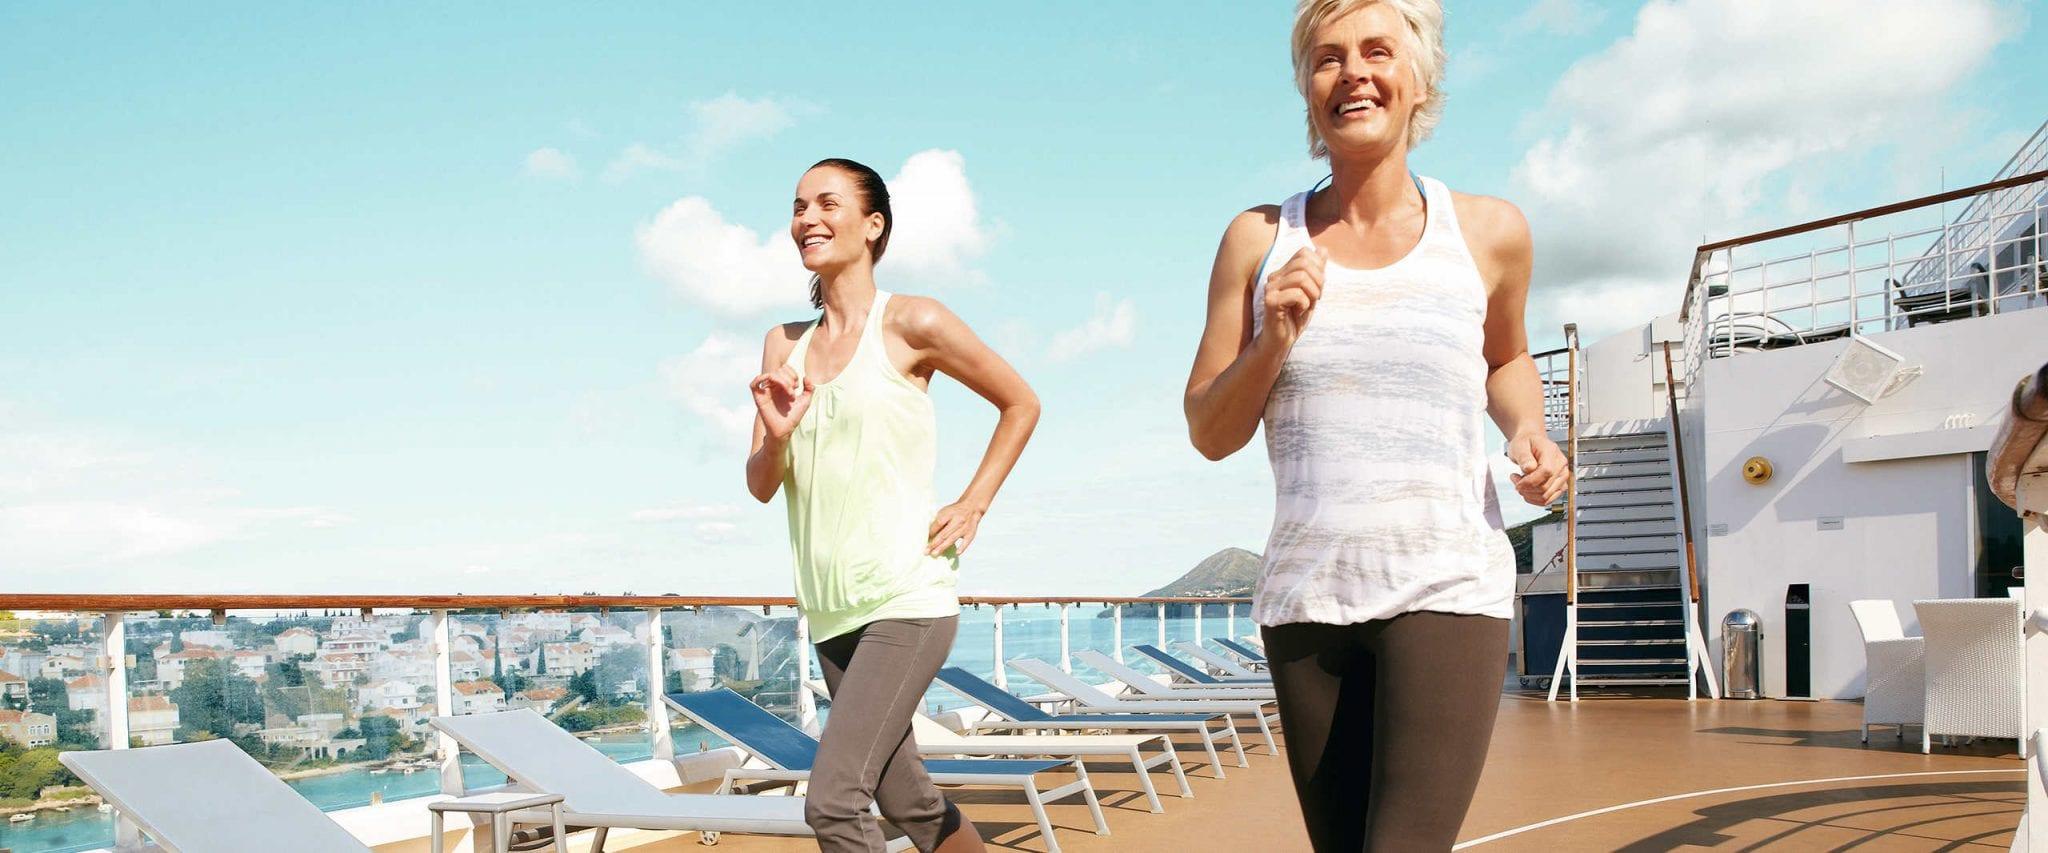 Zwei Frauen joggen an Deck eines Kreuzfahrtschiffes